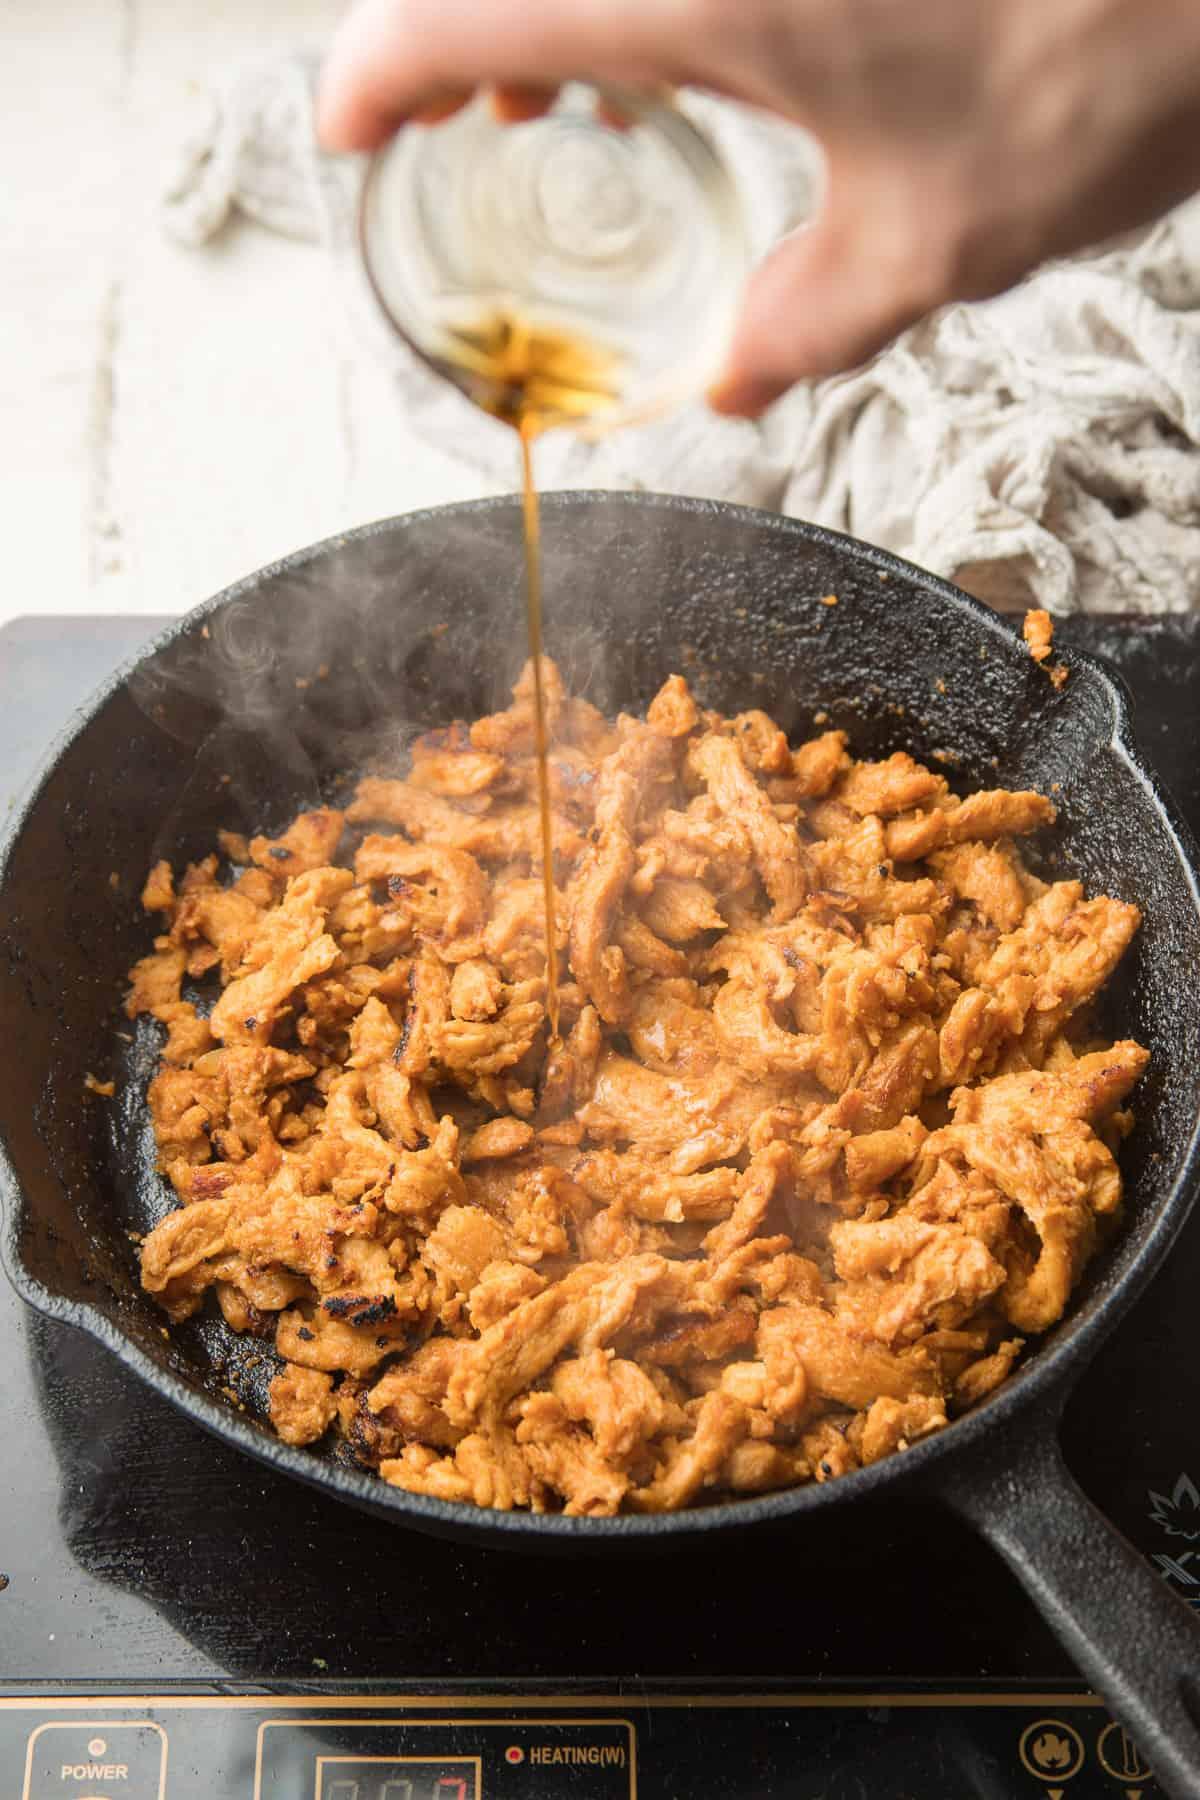 Hand Pouring Sesame Oil into a Skillet of Vegan Bulgogi.